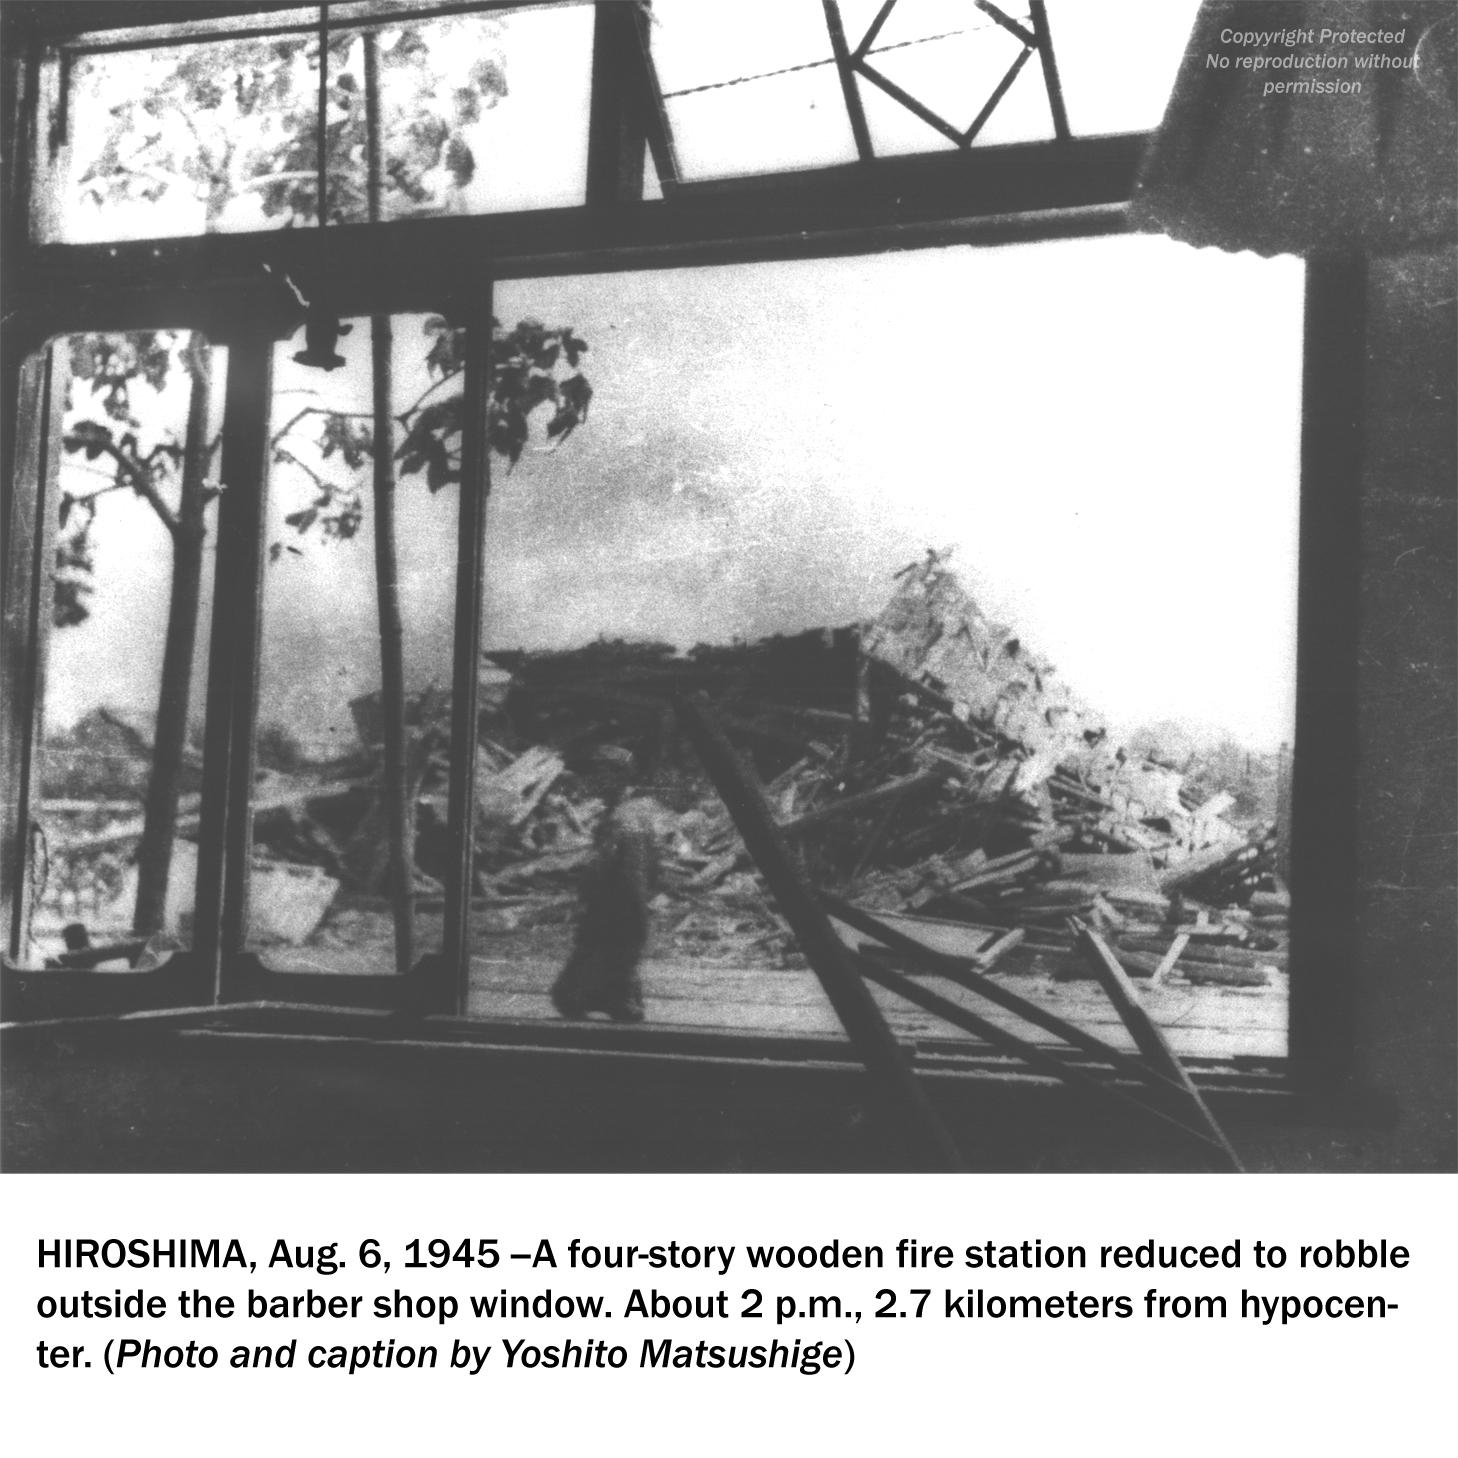 primeras fotos bomba atómica Hiroshima 1945 Hiroshima atomic bomb first photos